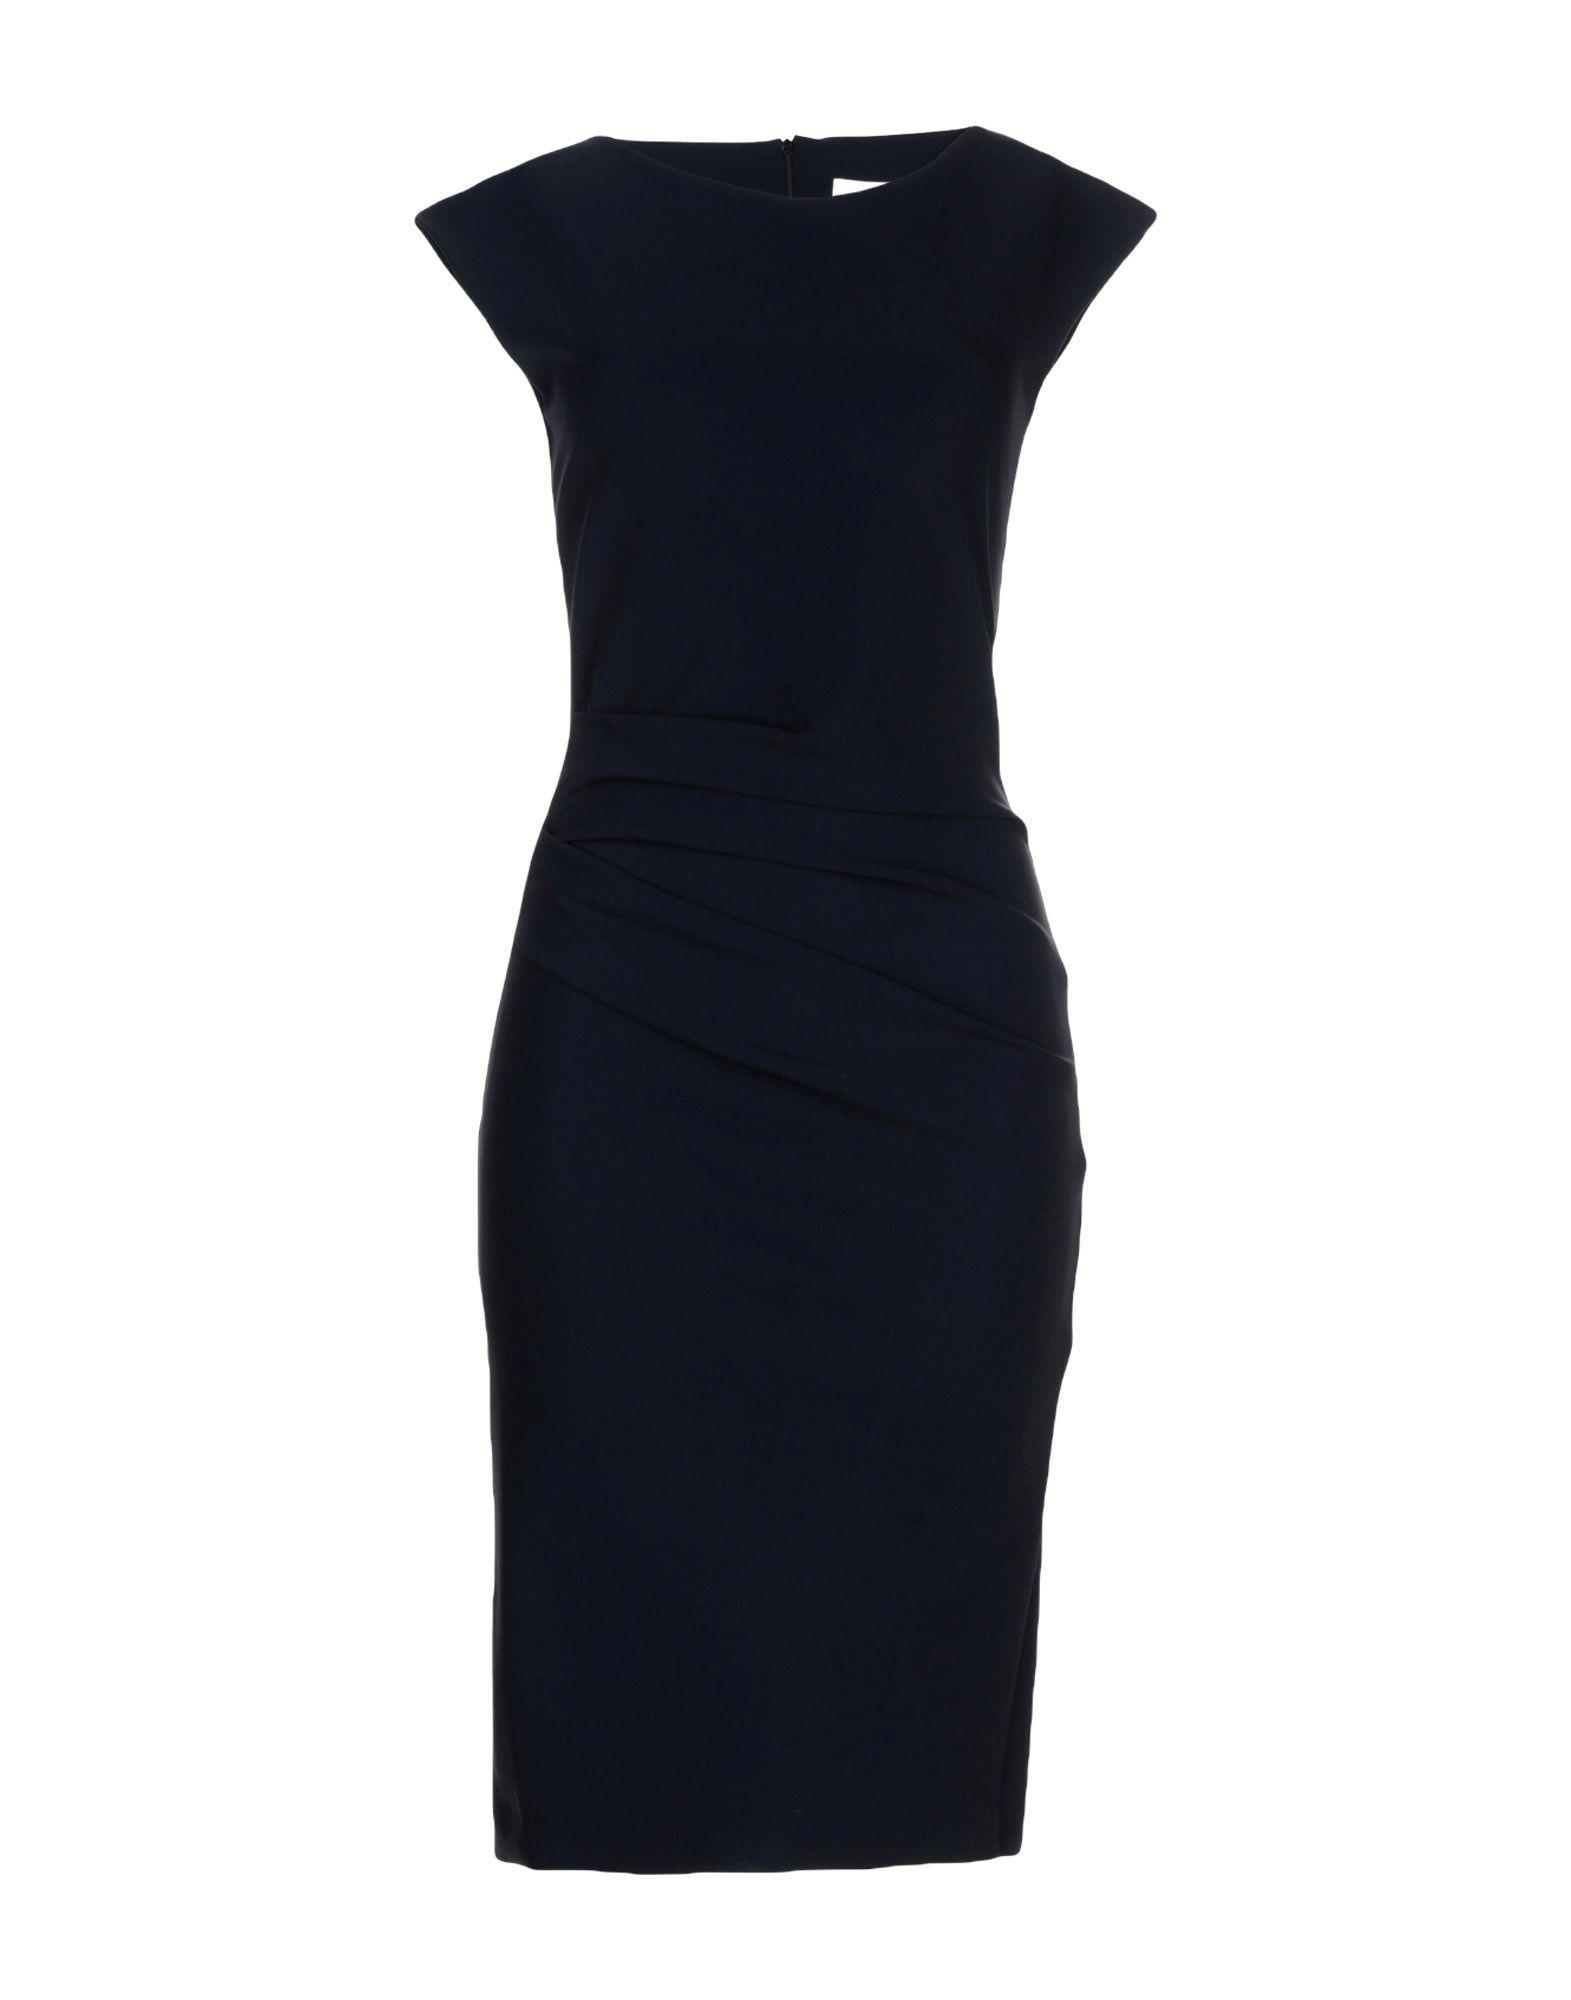 CHRISTIES À PORTER Платье длиной 3/4 недорго, оригинальная цена